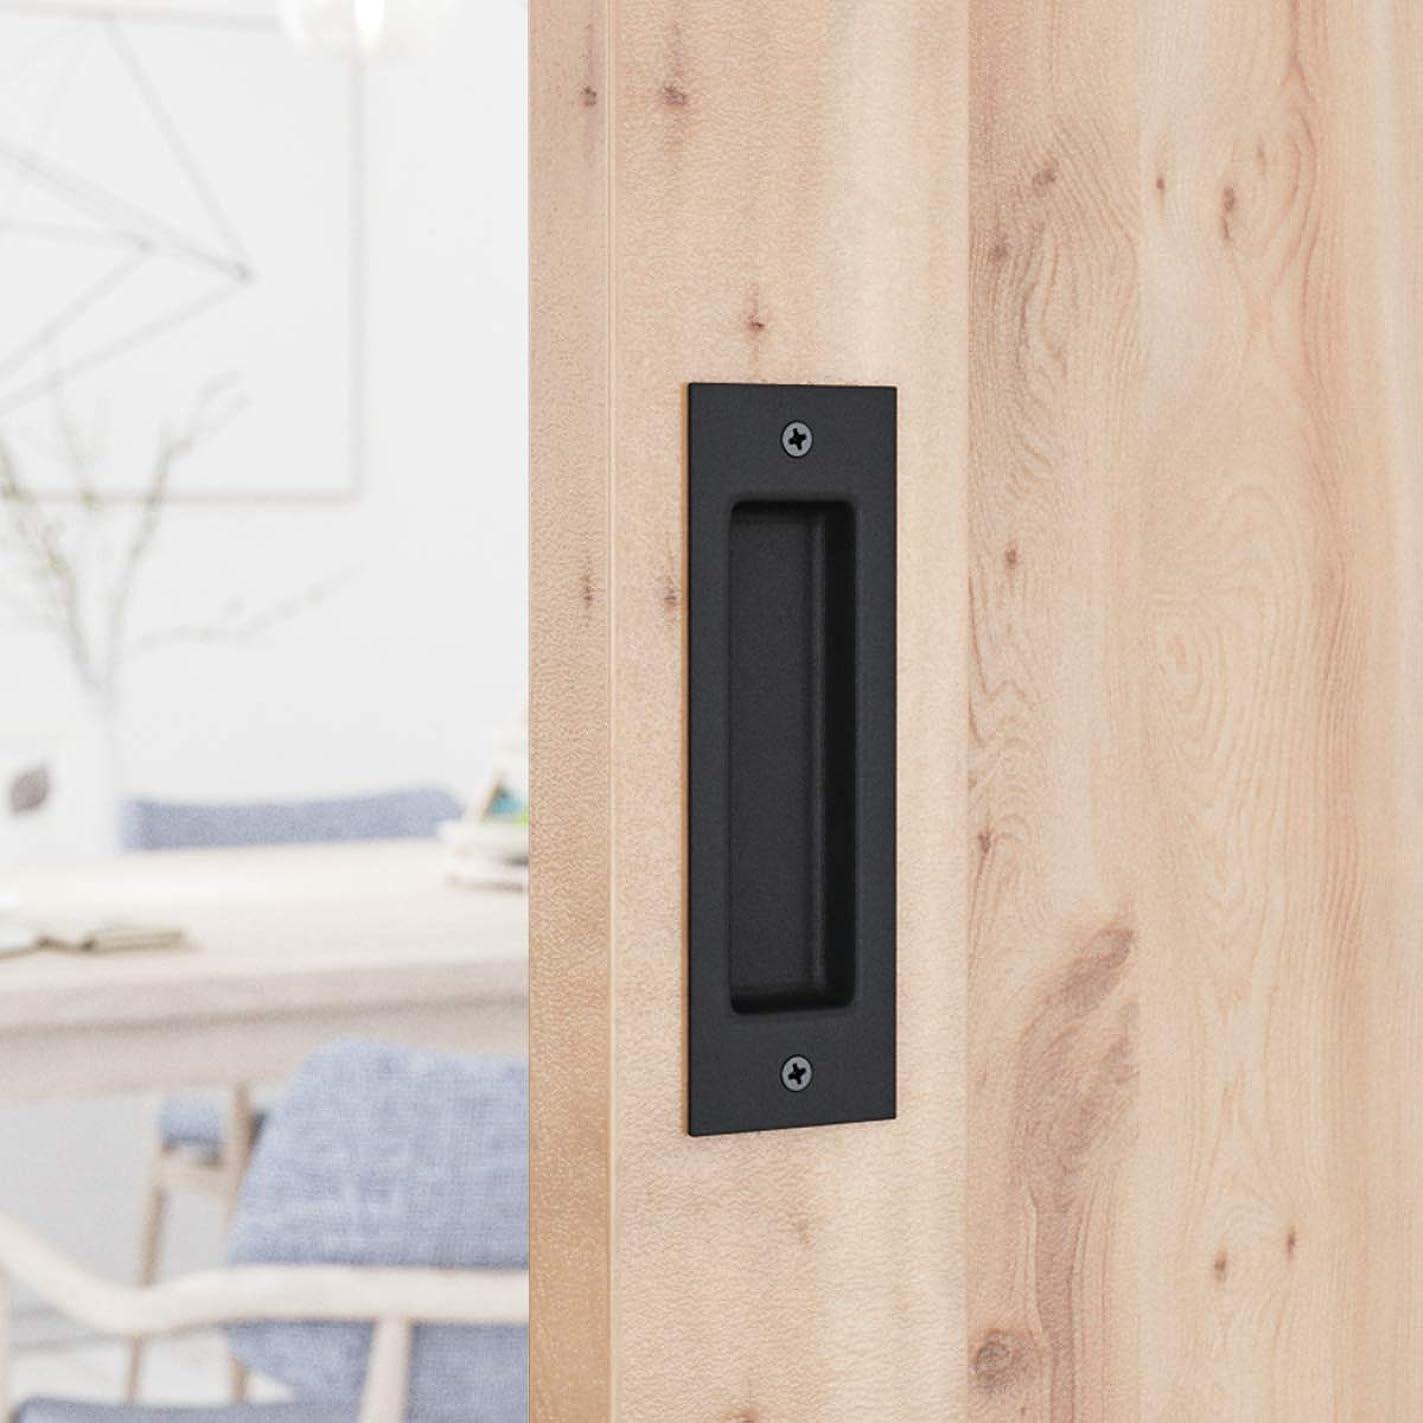 SMARTSTANDARD Flush Pull 6-1/2inch Matte Black Frosted Handle for Sliding Barn Door Hardware Finger Pull